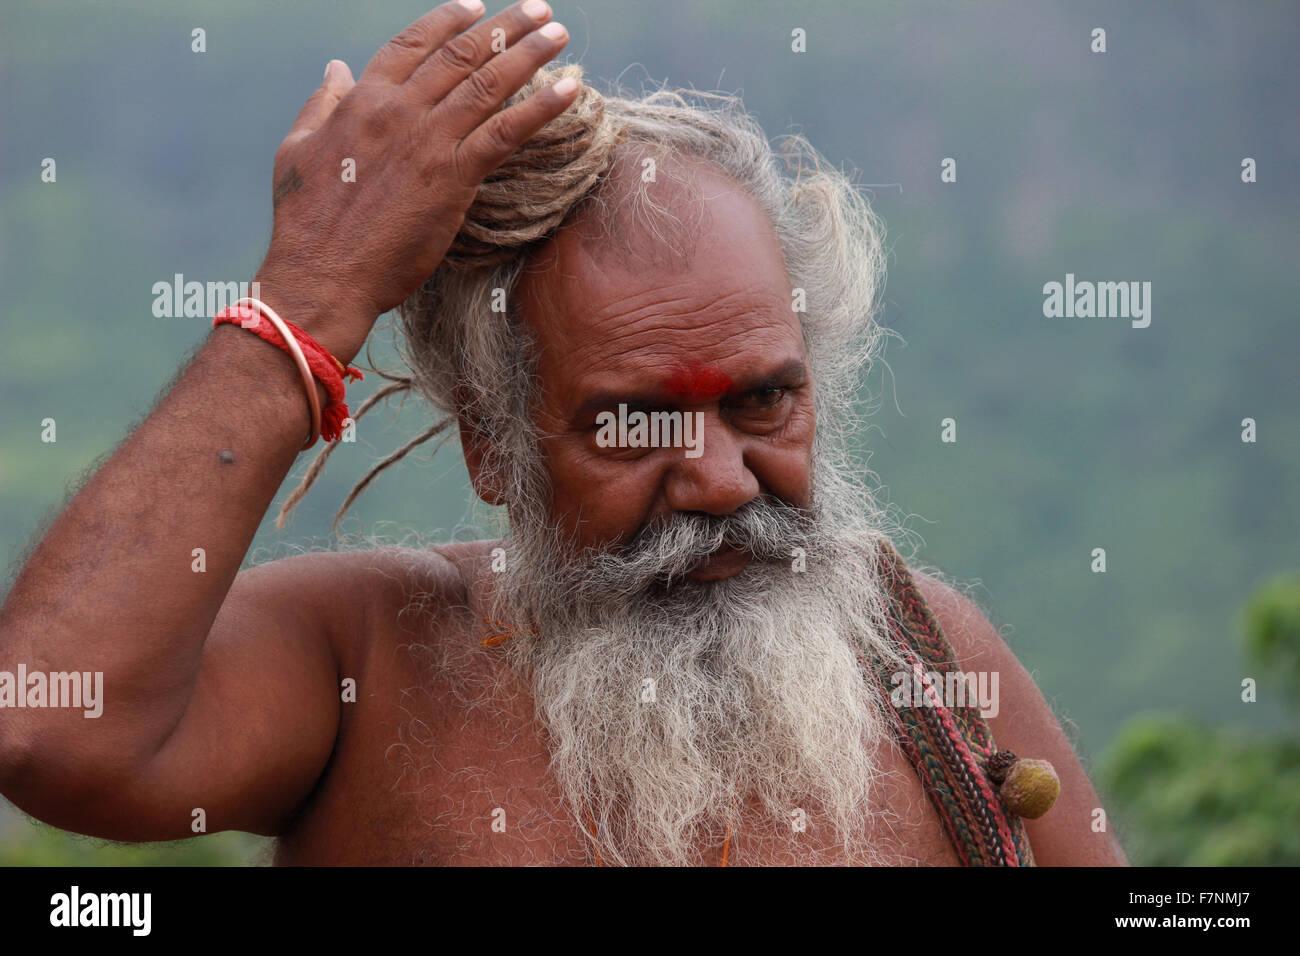 Sadhu with dreadlocks Kumbh Mela, Nasik, Maharashtra, India - Stock Image